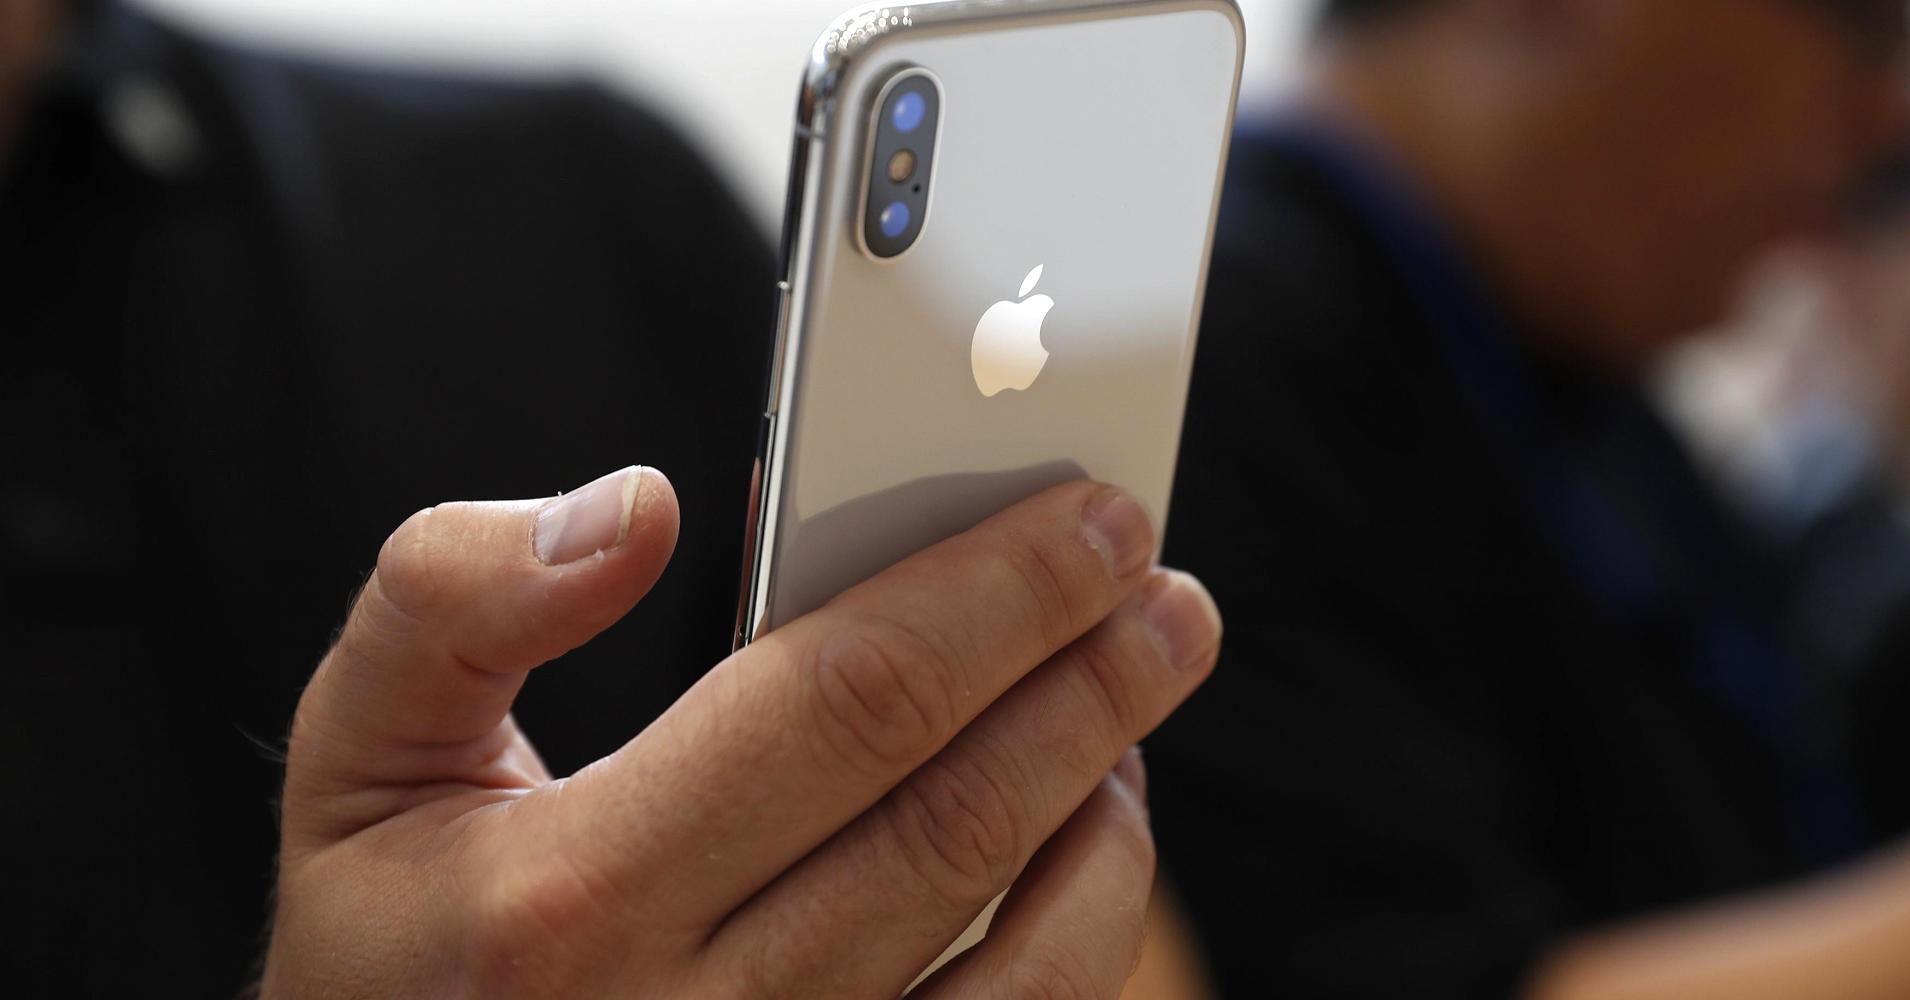 اولین آیفون ایکسهای (iPhone X) ساخته شده فقط 46 هزار و 500 عدد میباشد